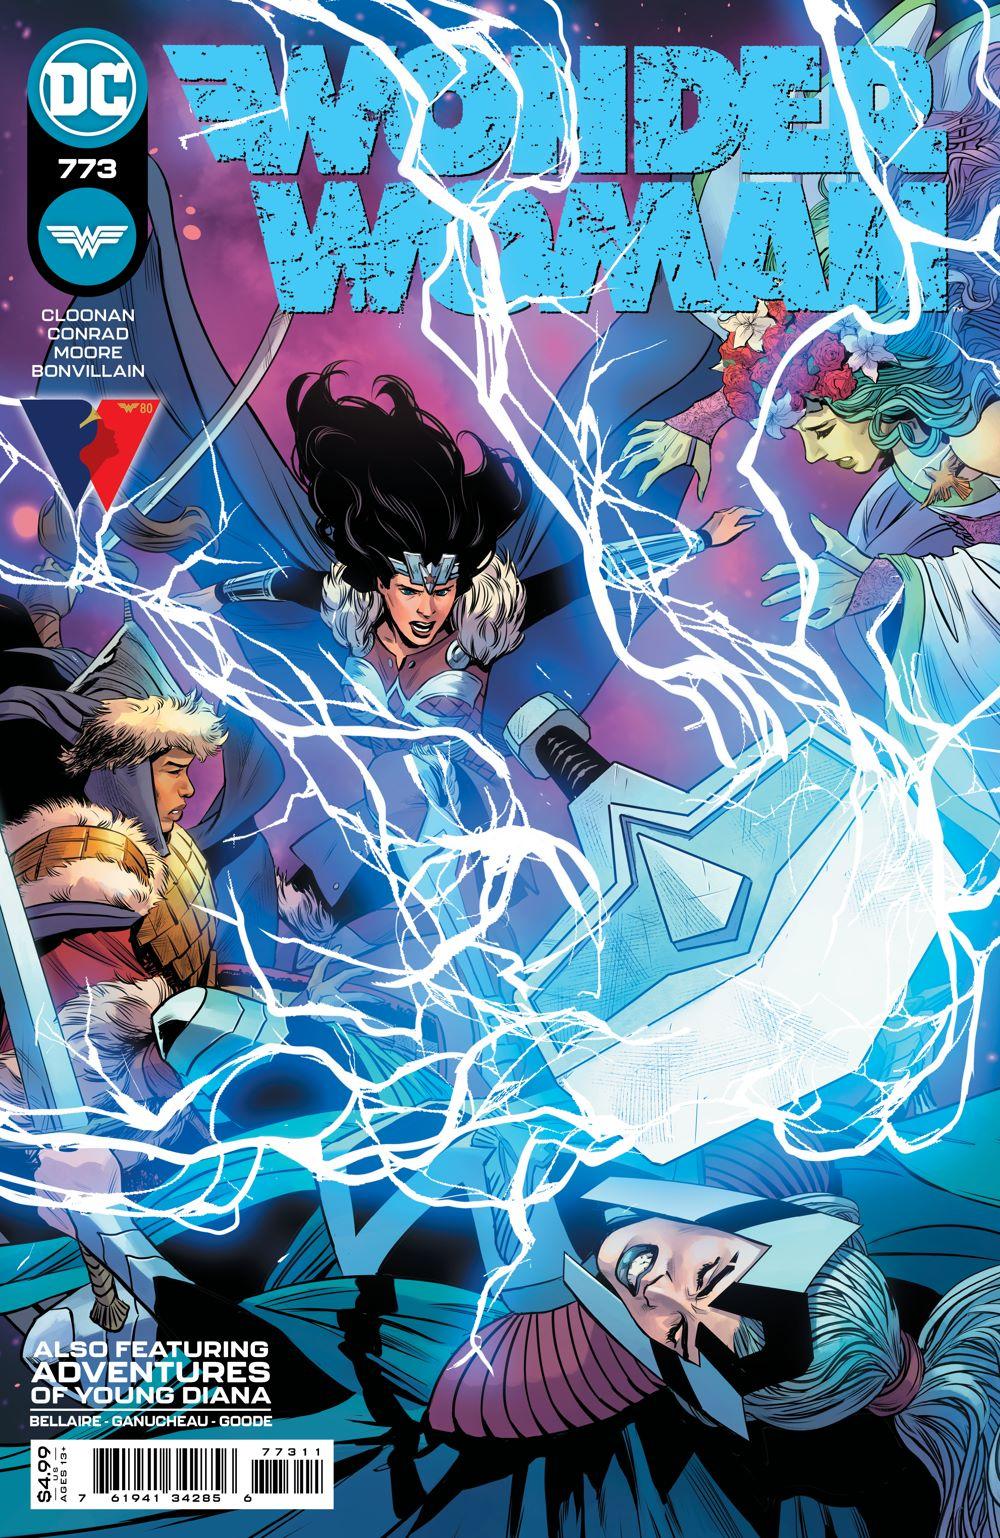 WONDERWOMAN_Cv773 DC Comics June 2021 Solicitations